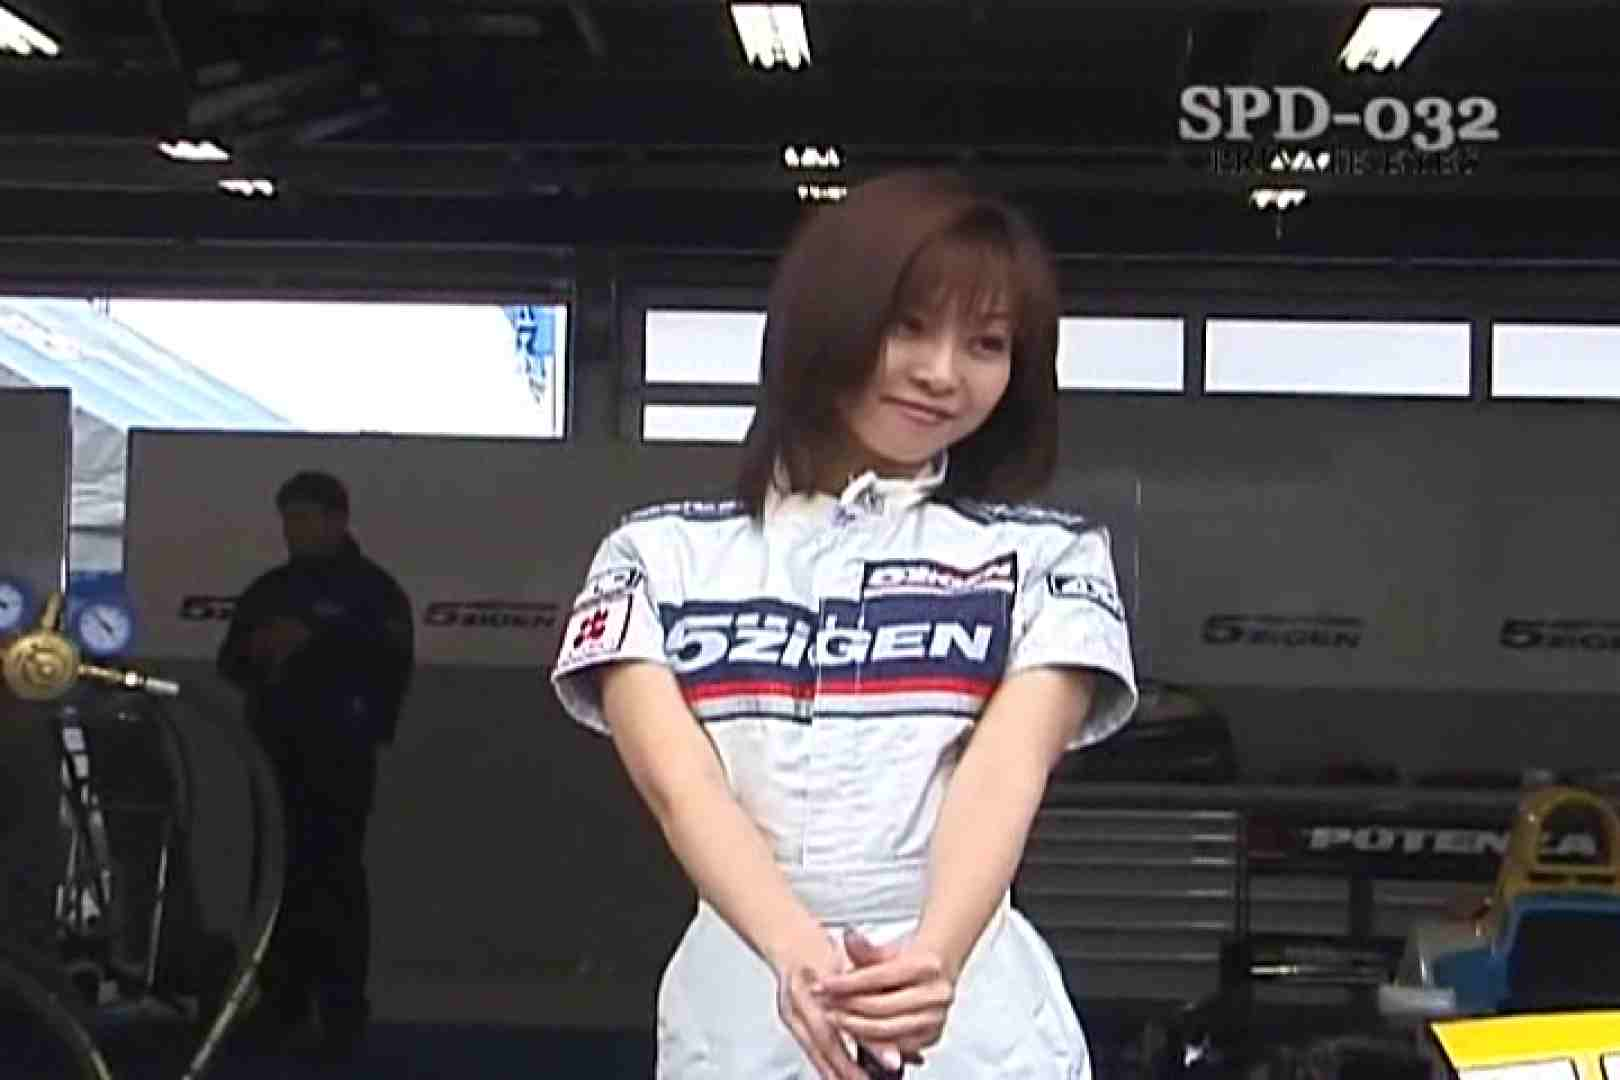 高画質版!SPD-032 サーキットの女神達 00'日本第2戦 MOTEGI 高画質   プライベート  97pic 31